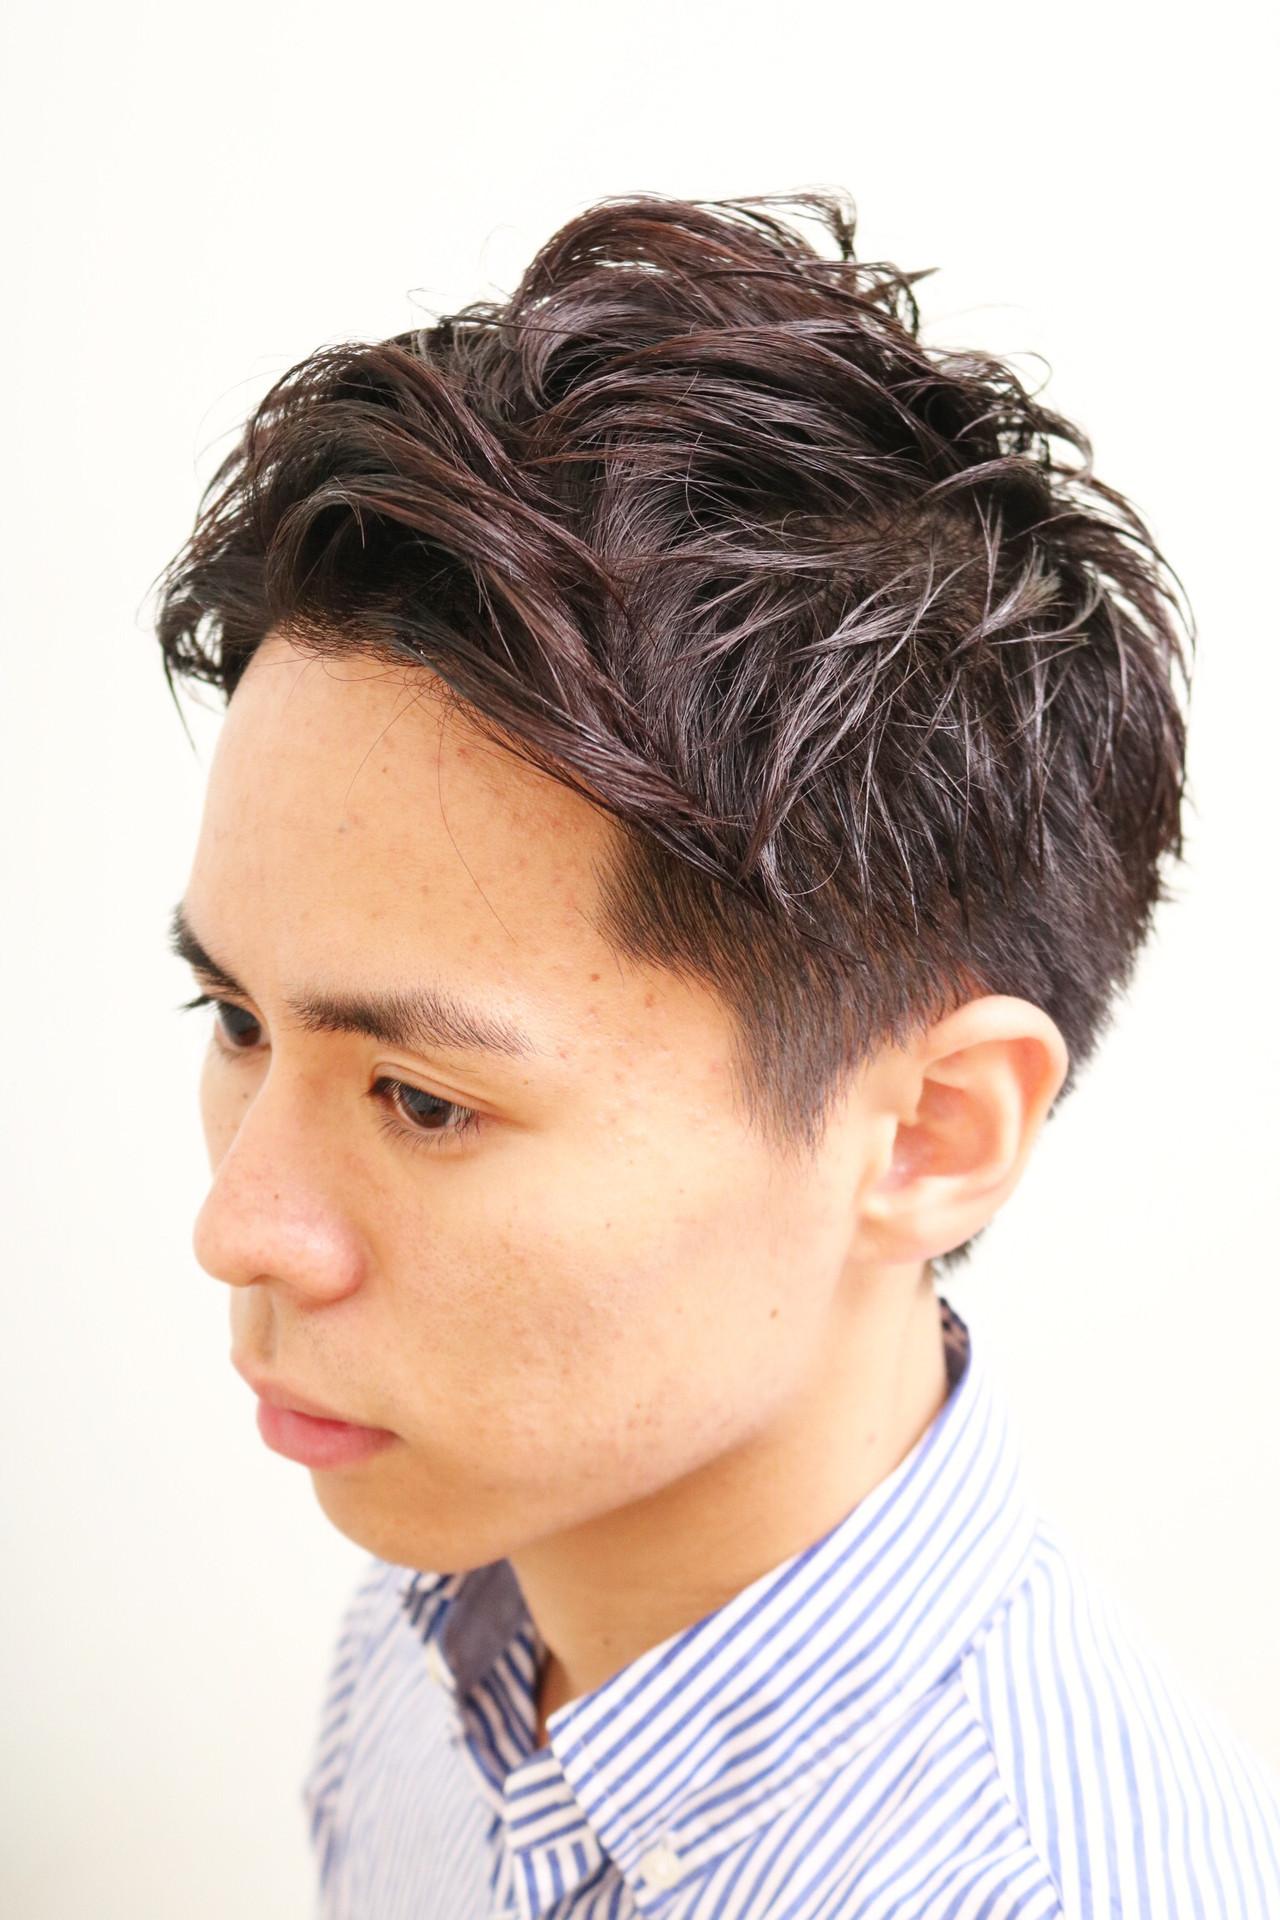 ナチュラル ショート ツーブロック パーマ ヘアスタイルや髪型の写真・画像